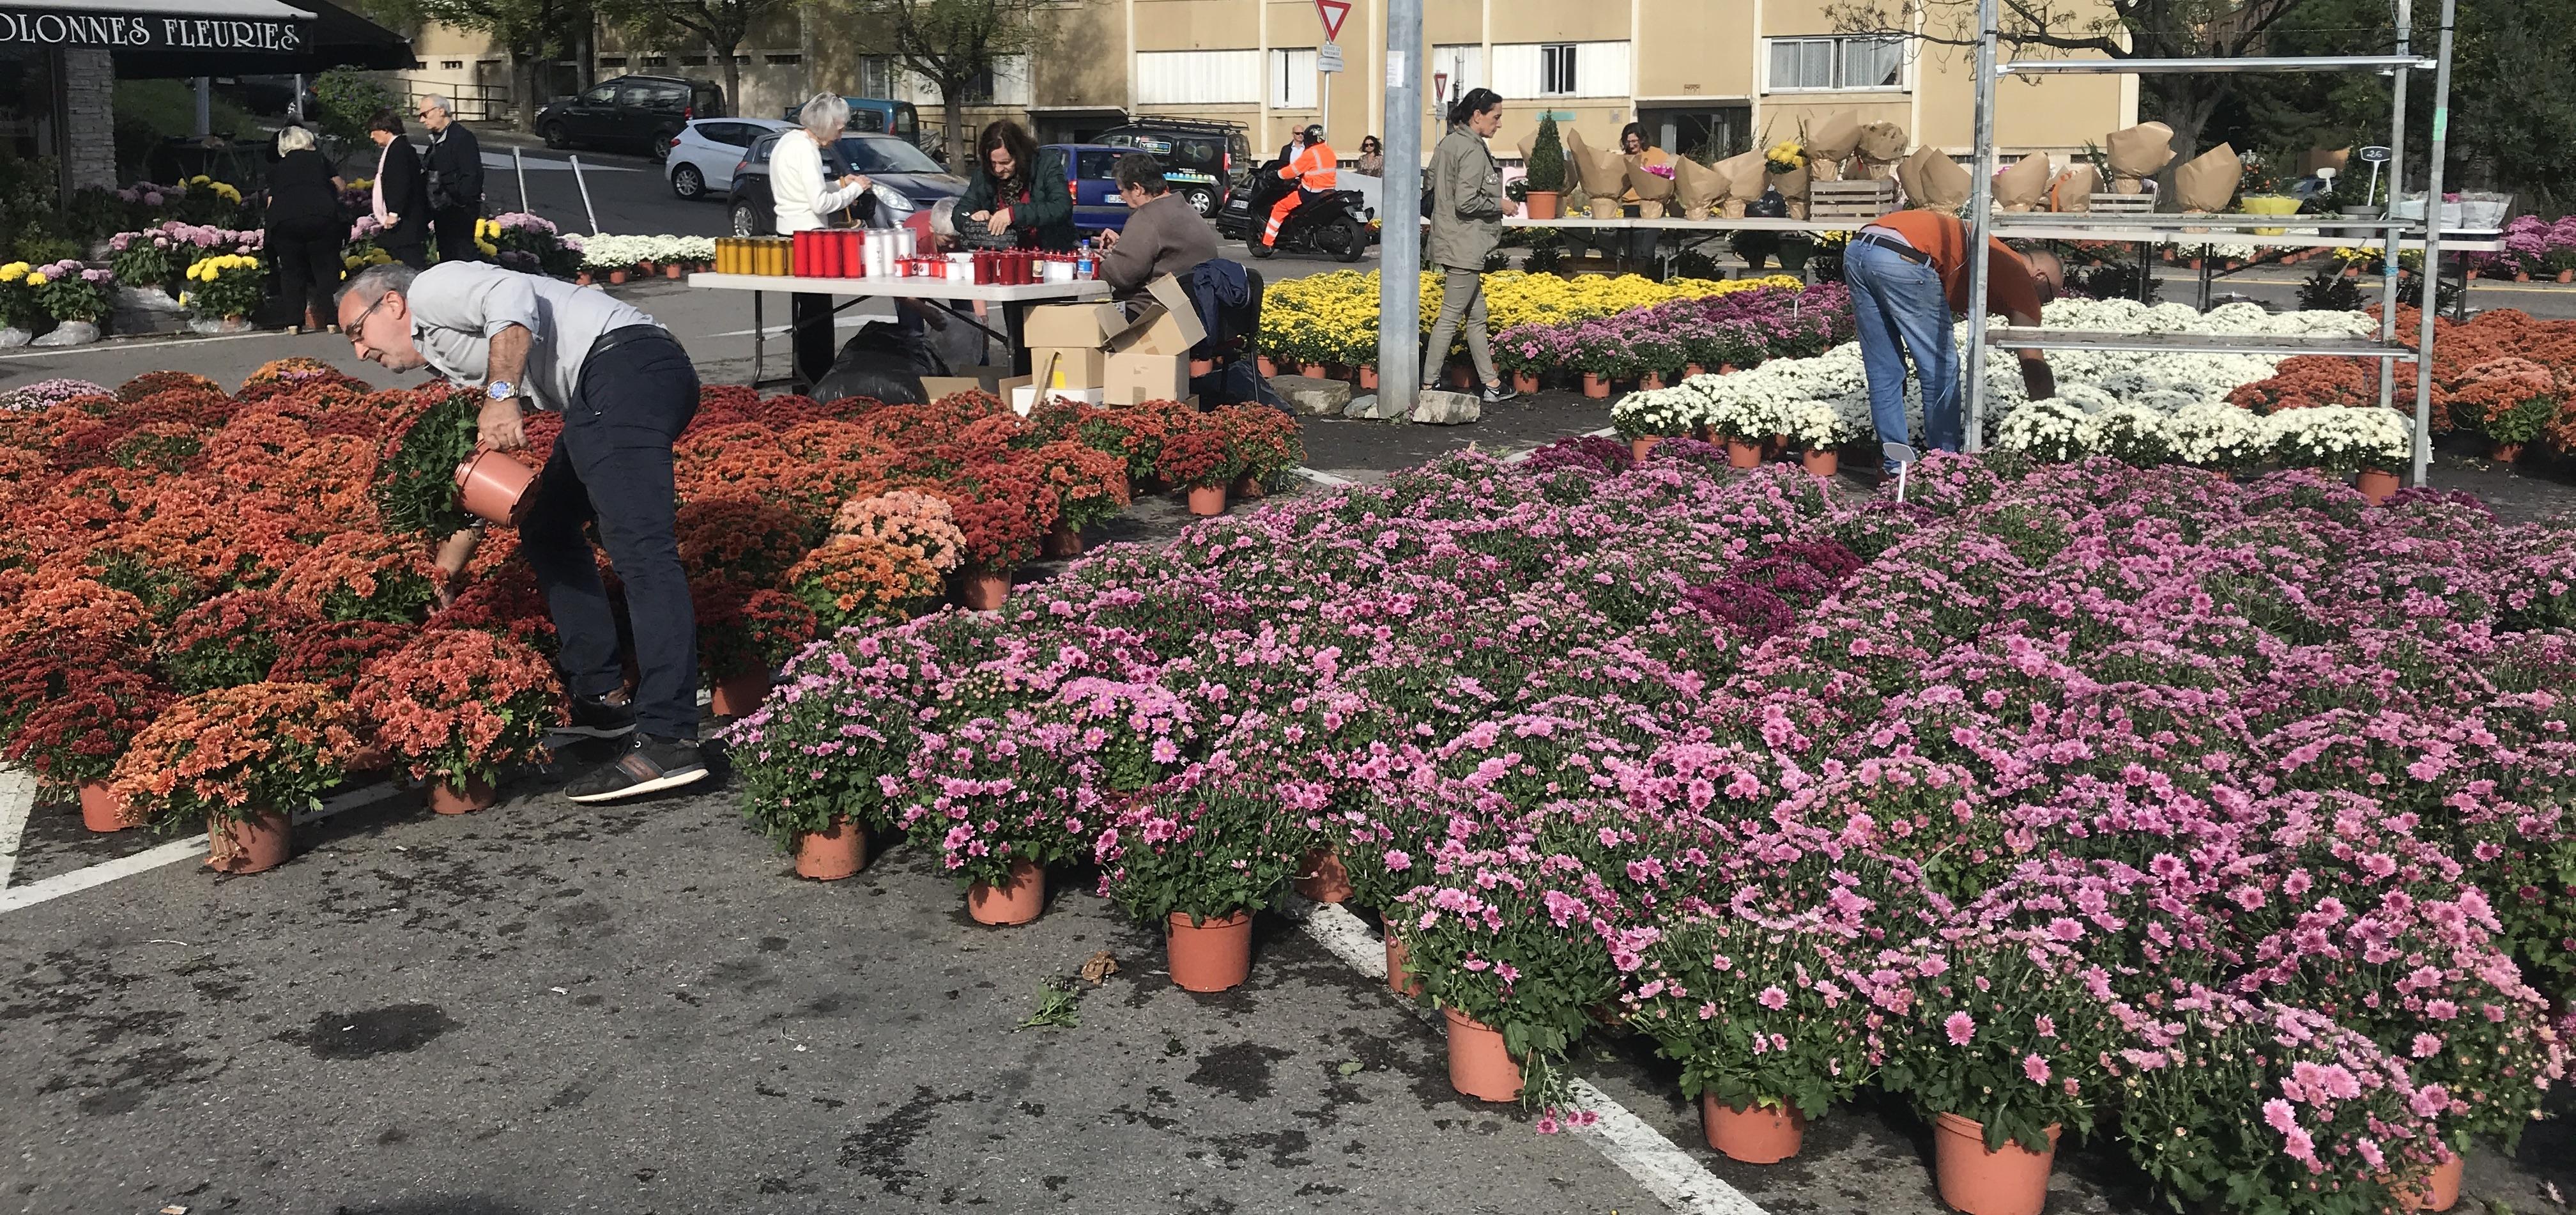 Le jour de la Toussaint, le chrysanthème est la fleur la plus vendue.